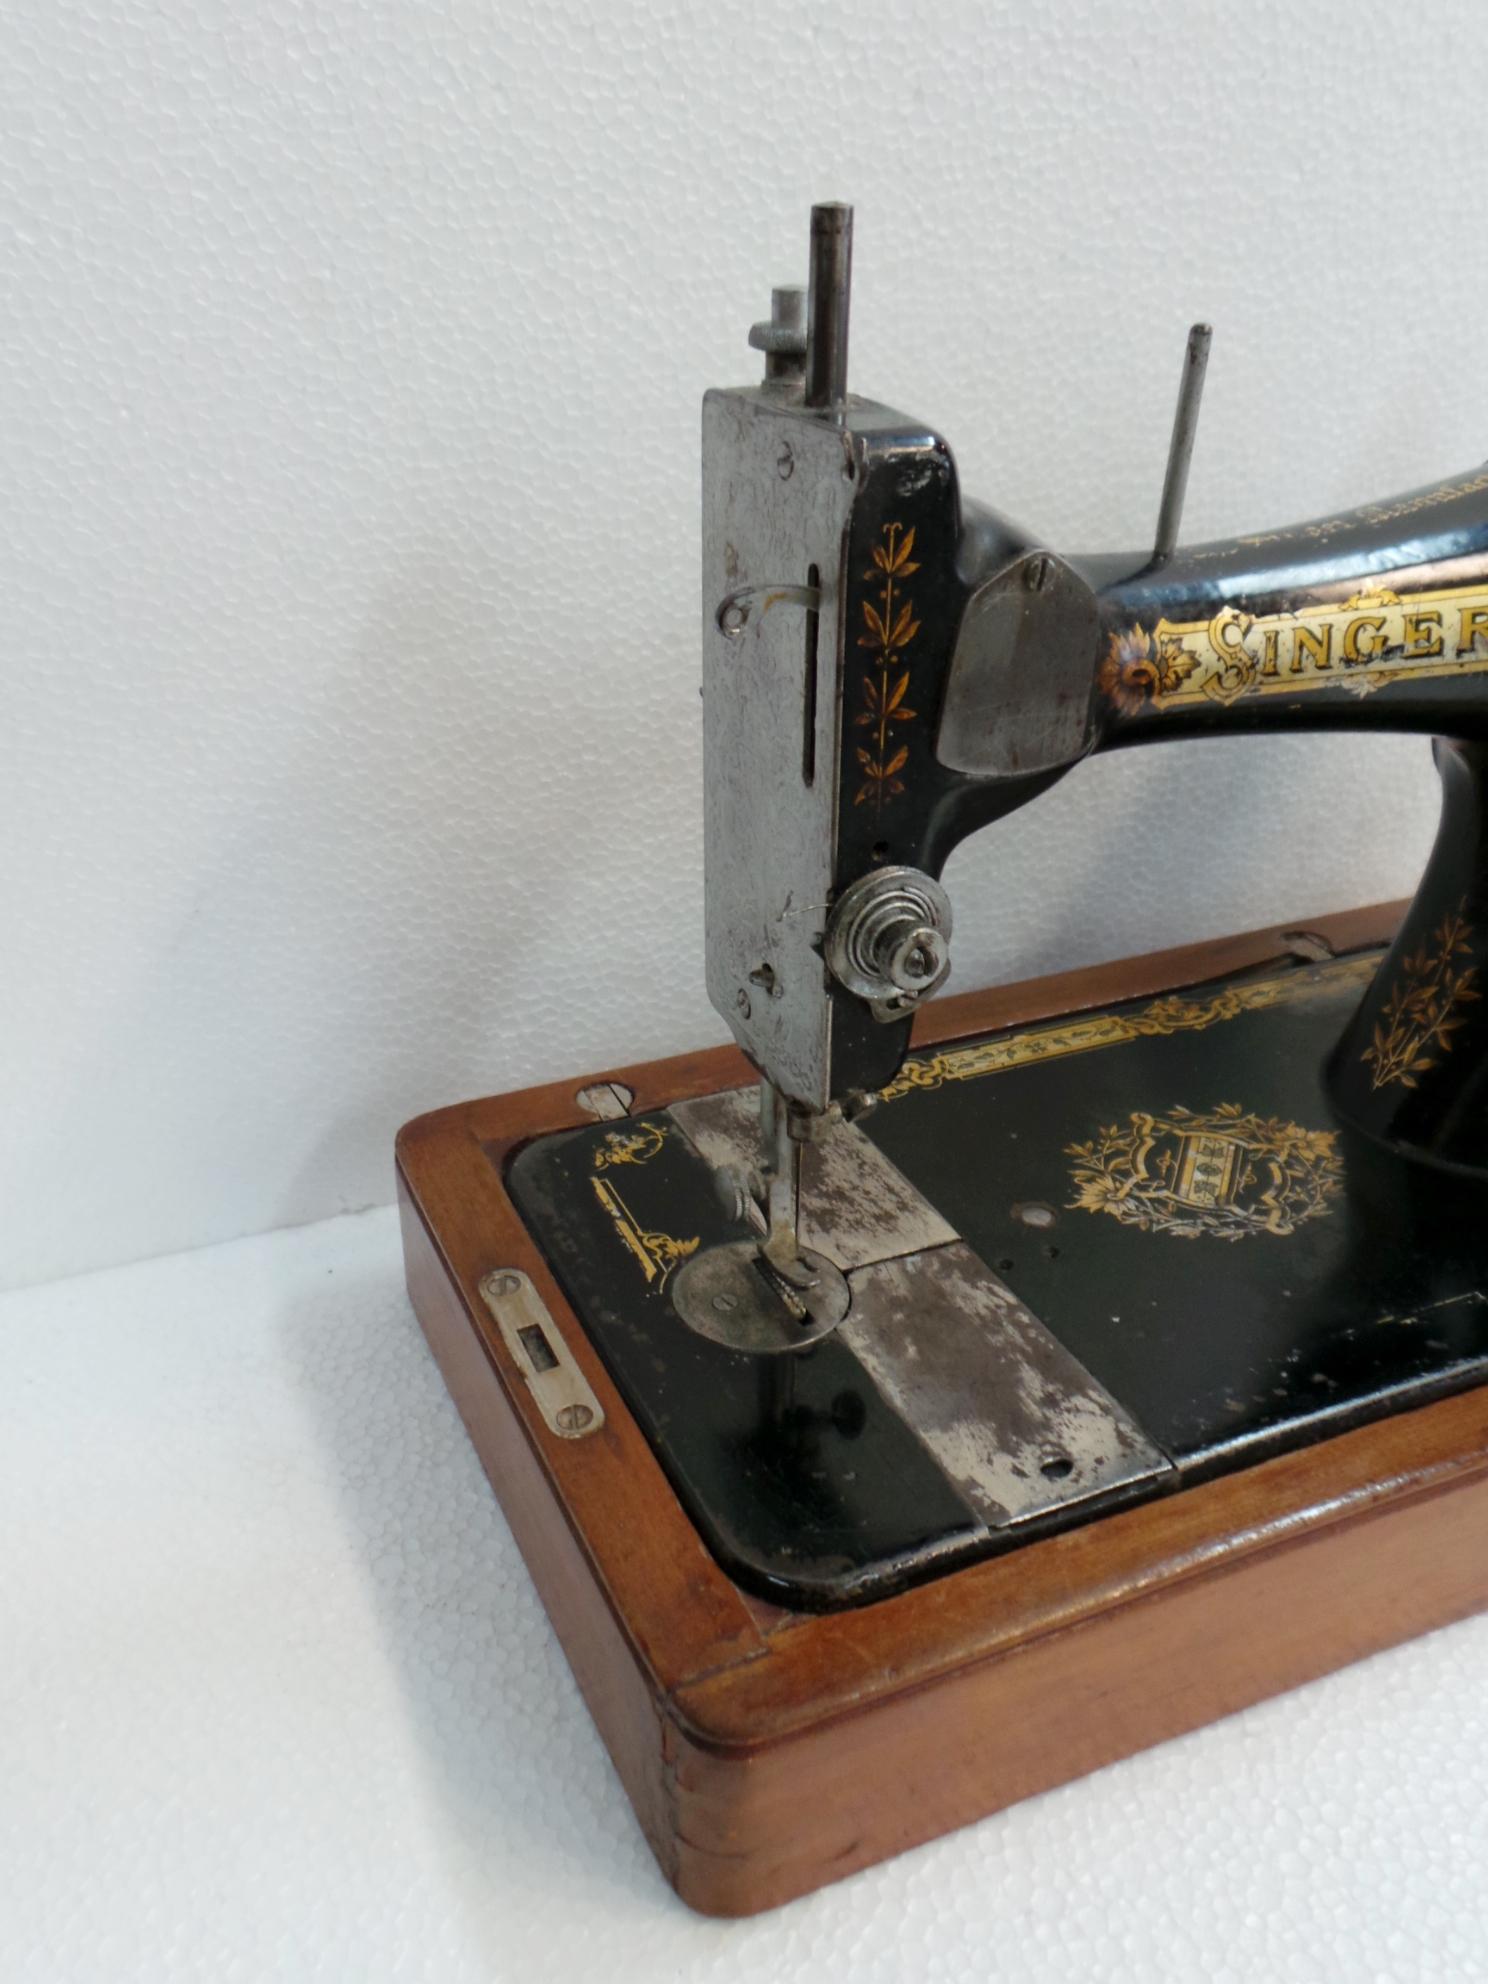 macchina da cucire singer da tavolo dettaglio